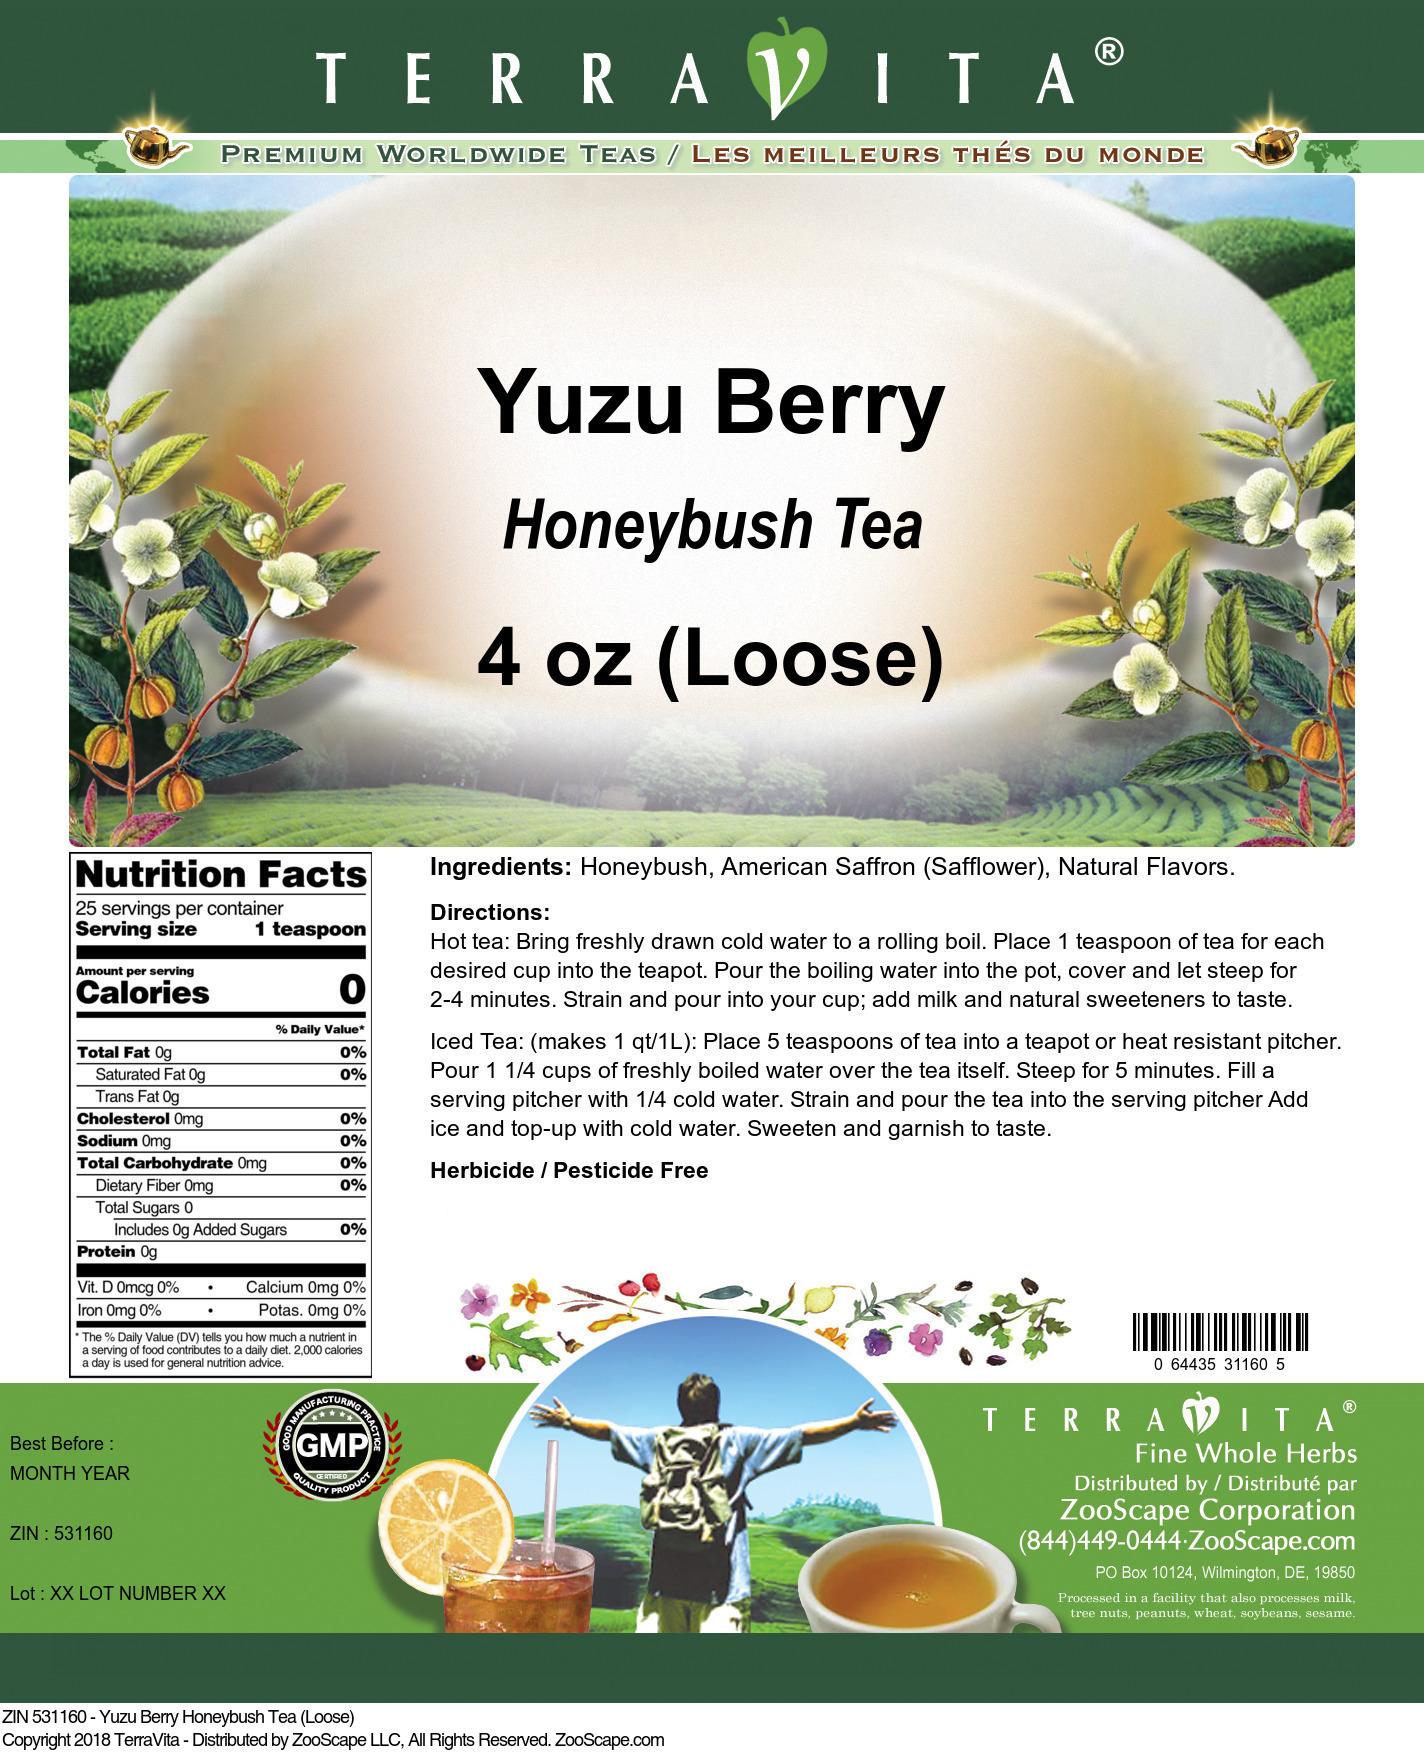 Yuzu Berry Honeybush Tea